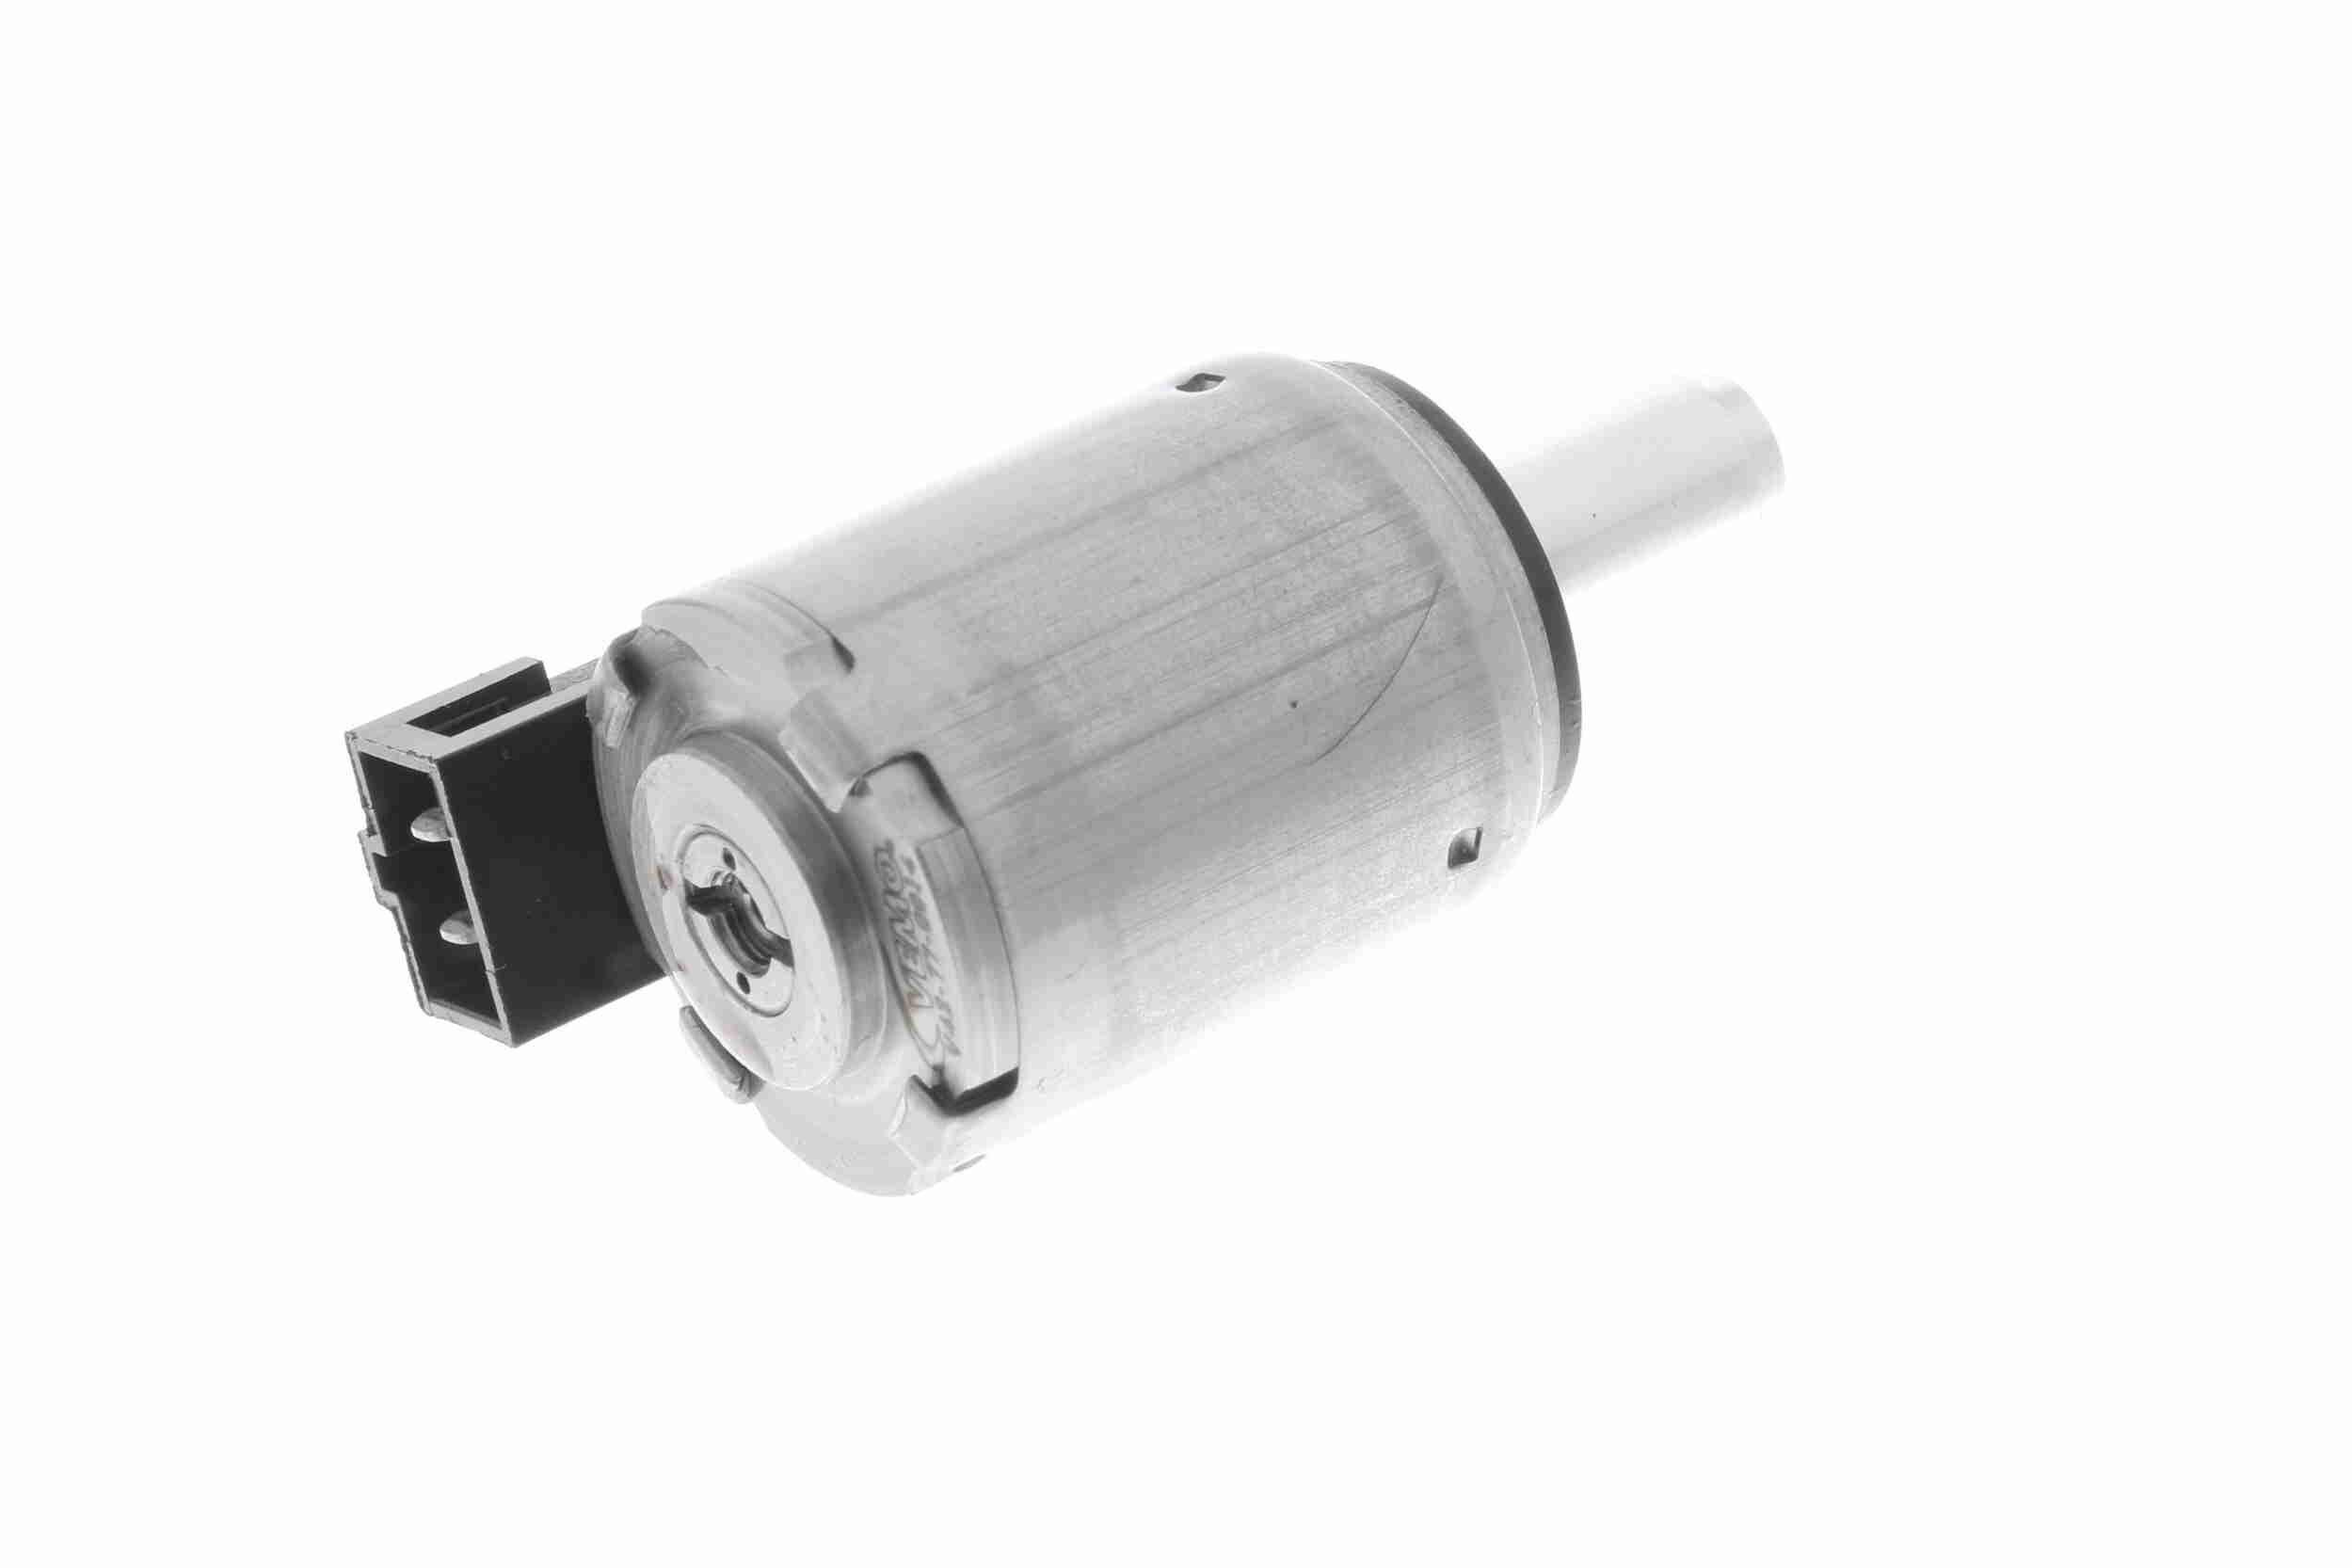 LANCIA GAMMA Schaltventil, Automatikgetriebe - Original VEMO V42-77-0014